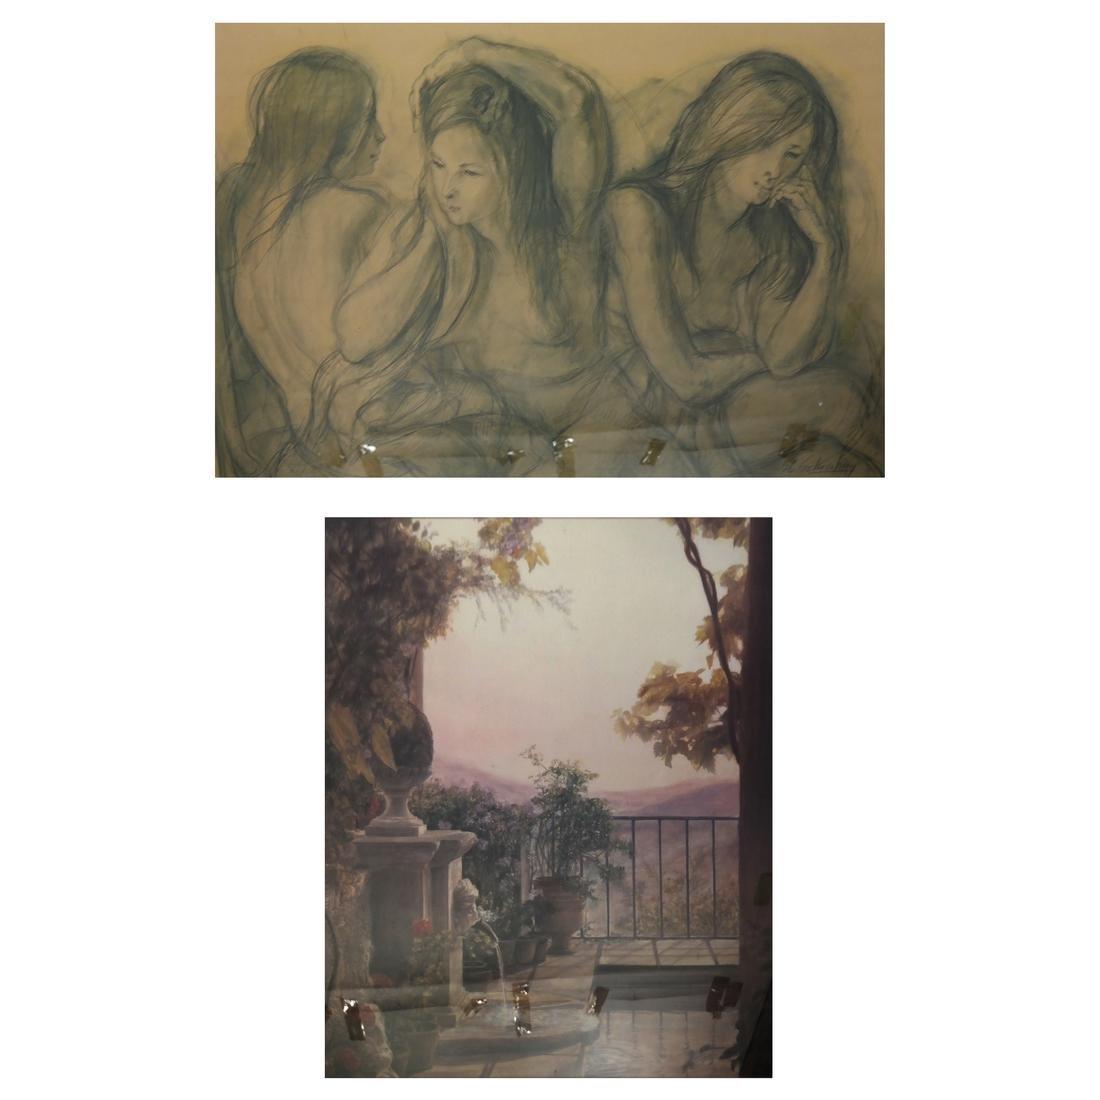 Schonberg: Veranda Scene, Three Women